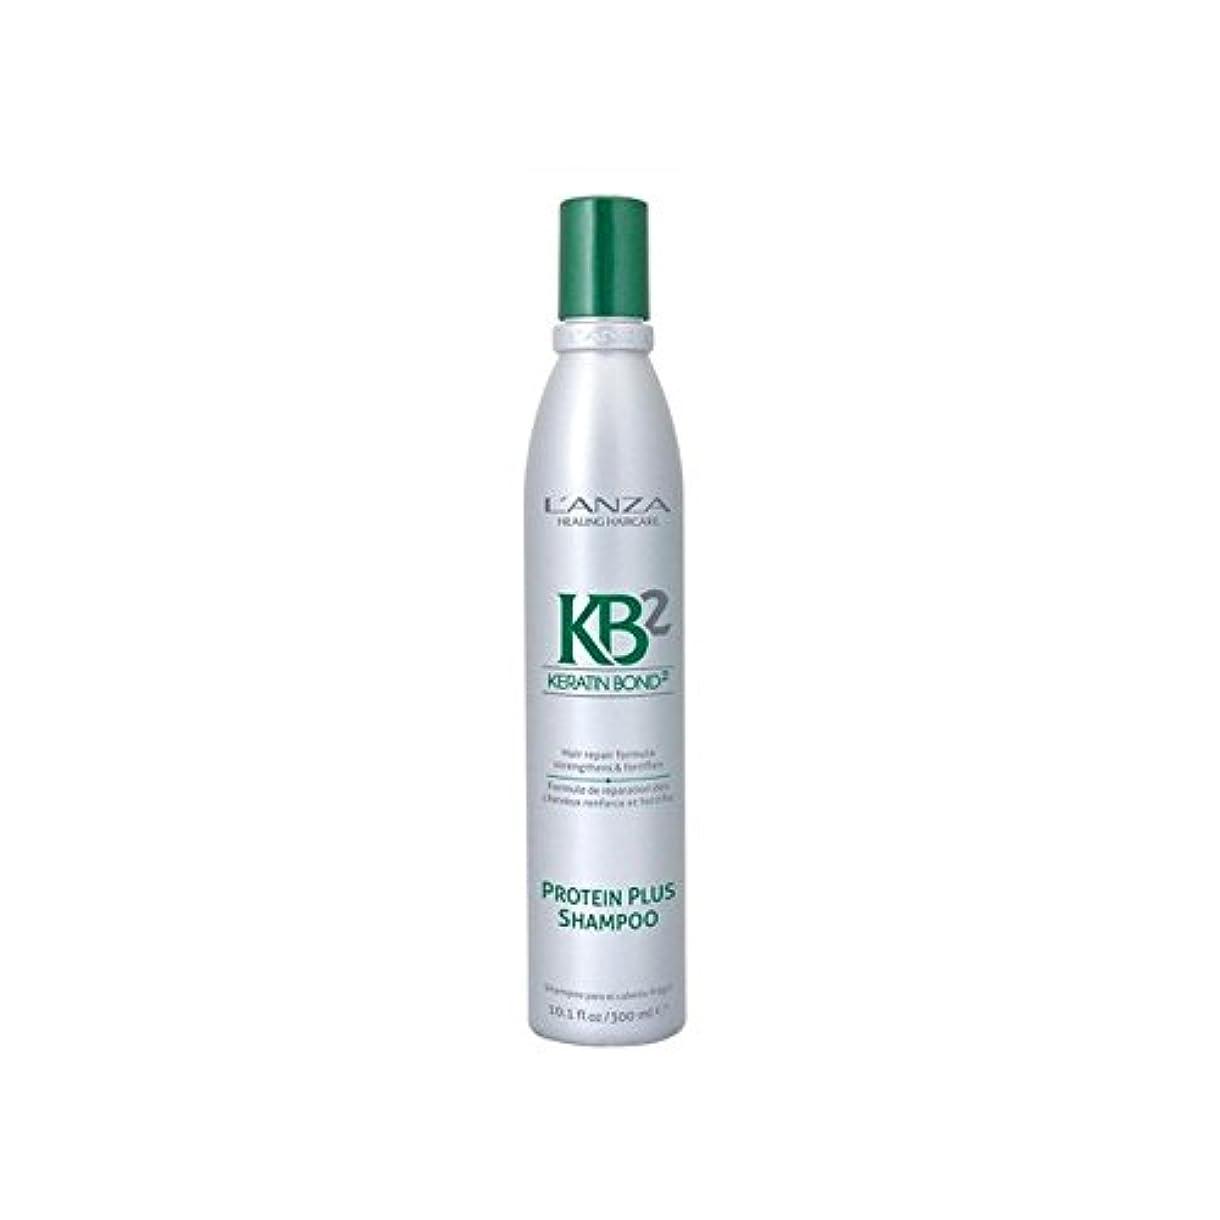 添付提供するミルクL'Anza Kb2 Protein Plus Shampoo (300ml) - アンザ2タンパク質プラスシャンプー(300ミリリットル) [並行輸入品]